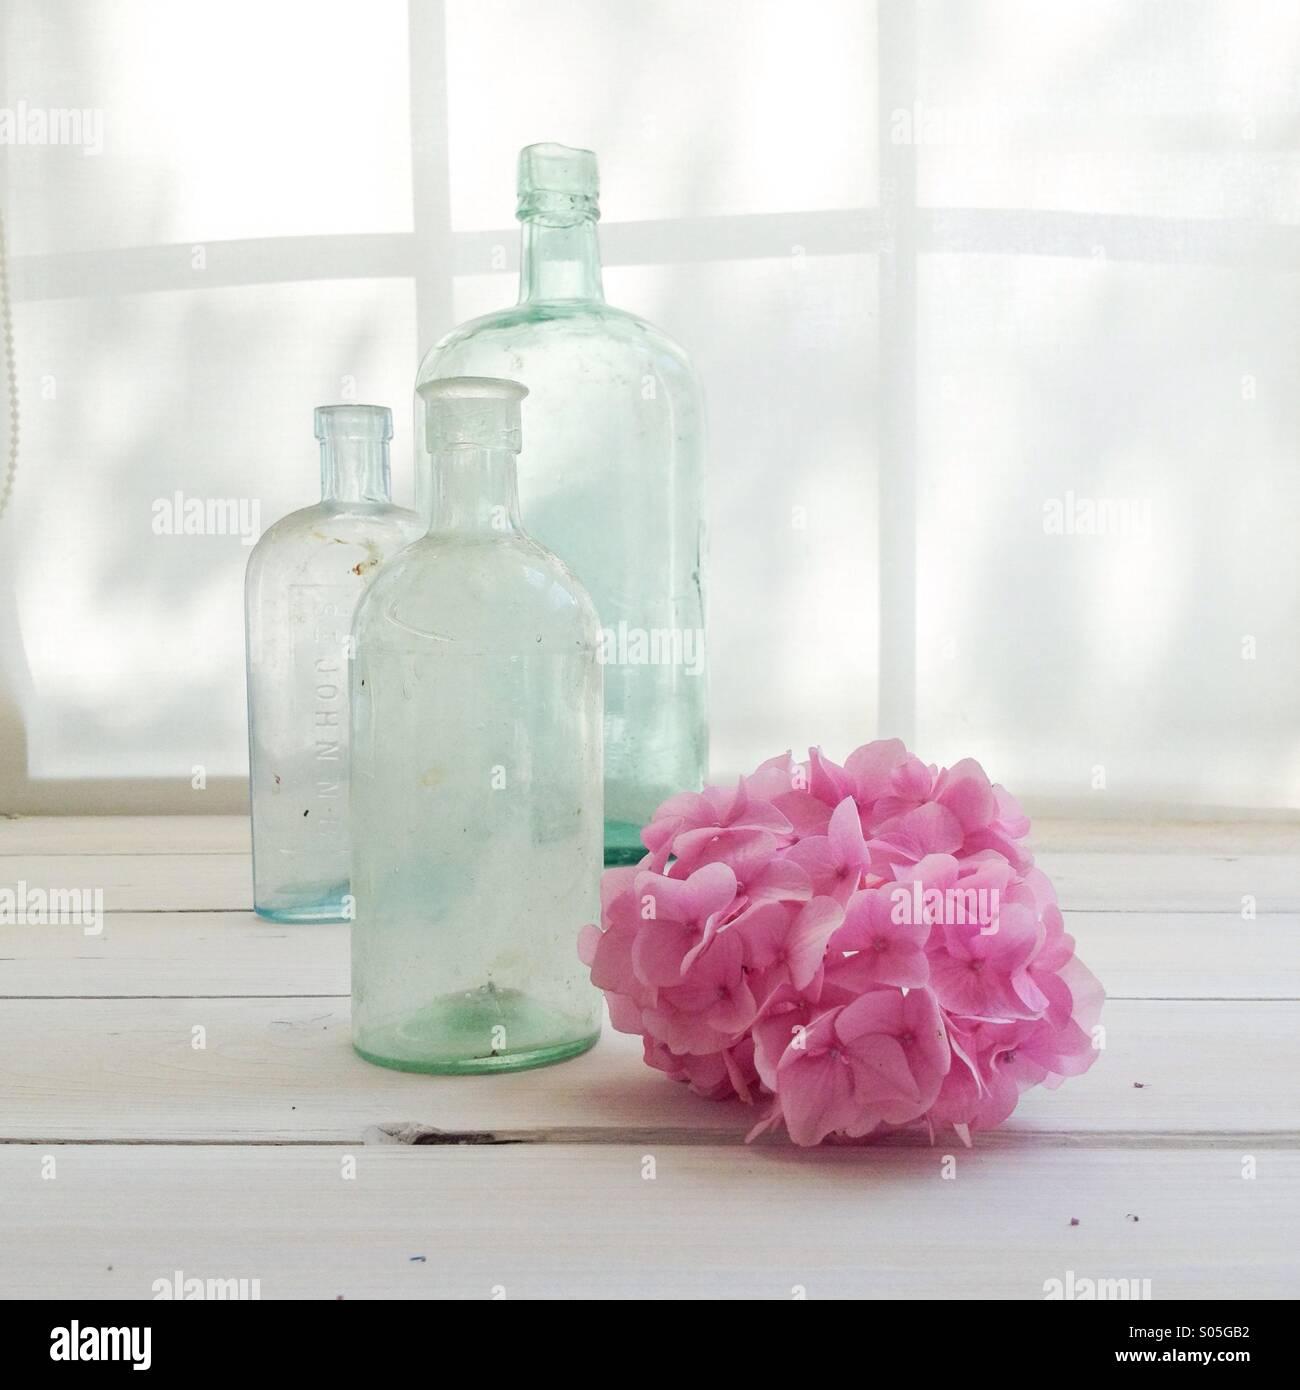 Bouteilles en verre vintage avec hortensia rose sur appui de fenêtre baignée de lumière Photo Stock